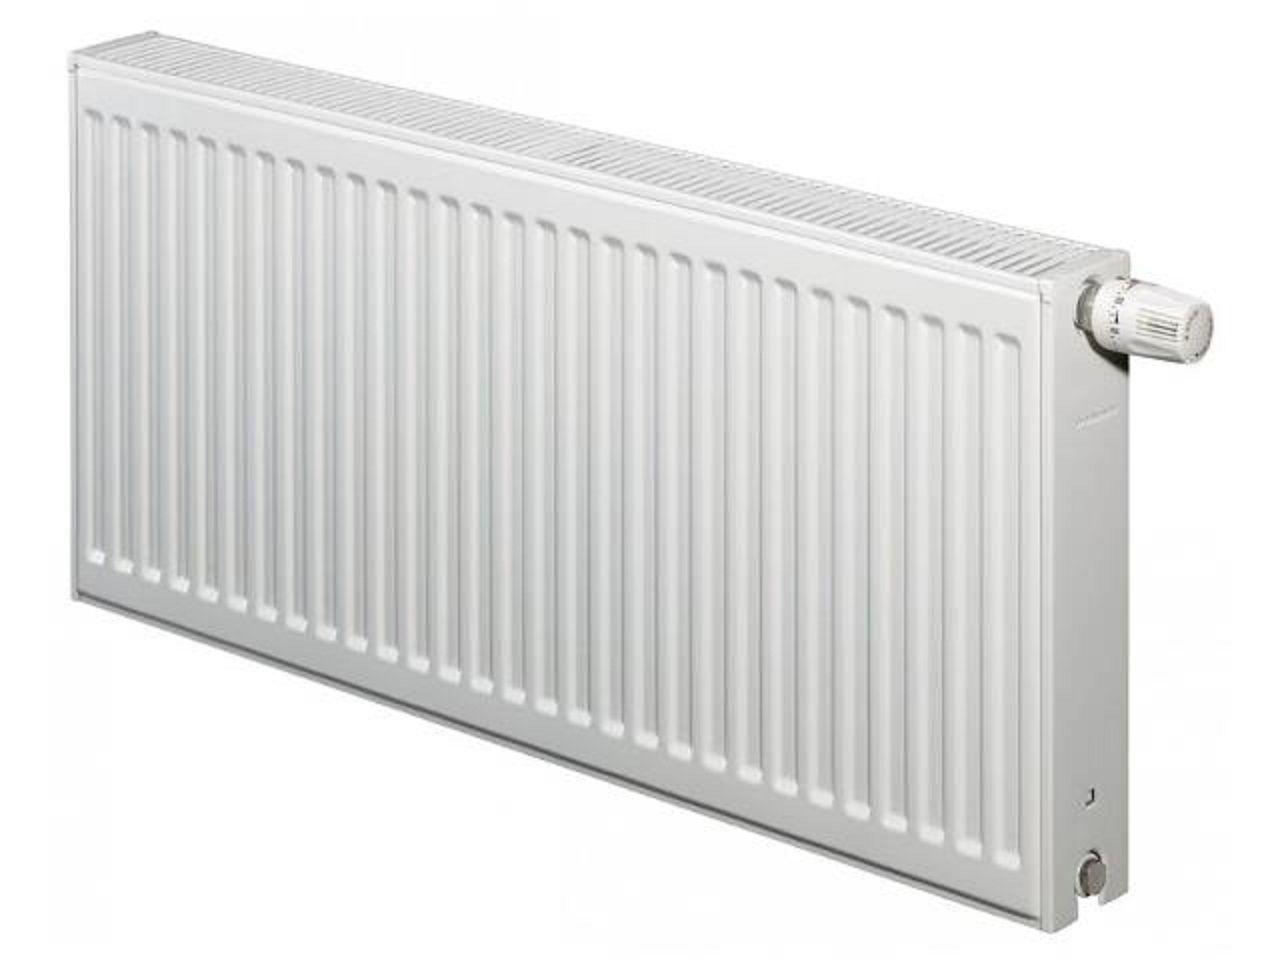 Самые лучшие и популярные модели радиаторов